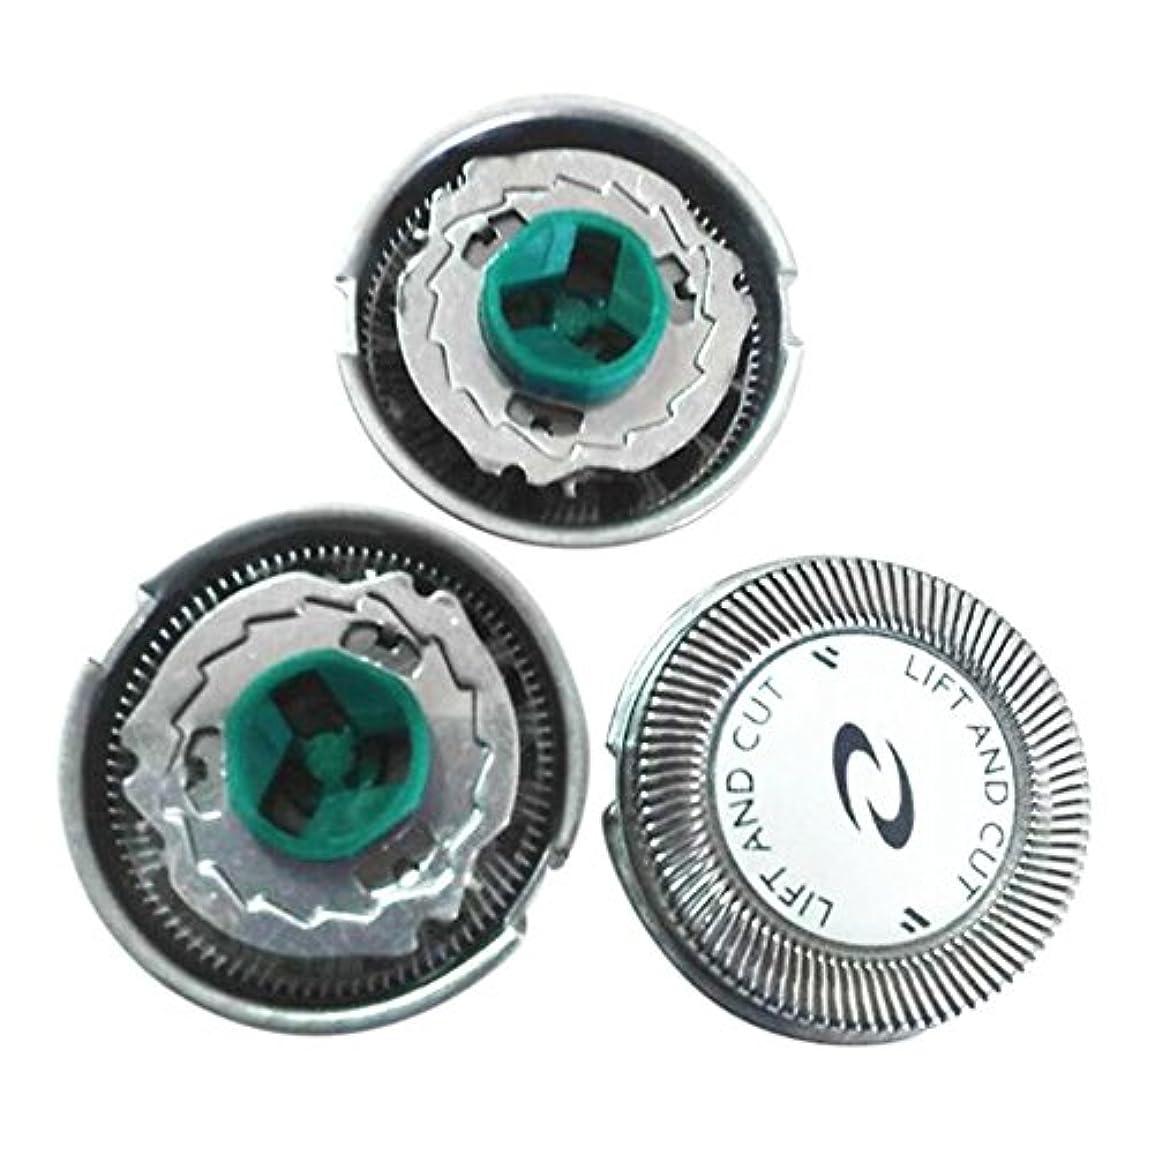 参加する容量ベギンHZjundasi 3x Replacement シェーバーヘッドフォイル+Cutters for Philip HQ6070 7310XL PT726/720